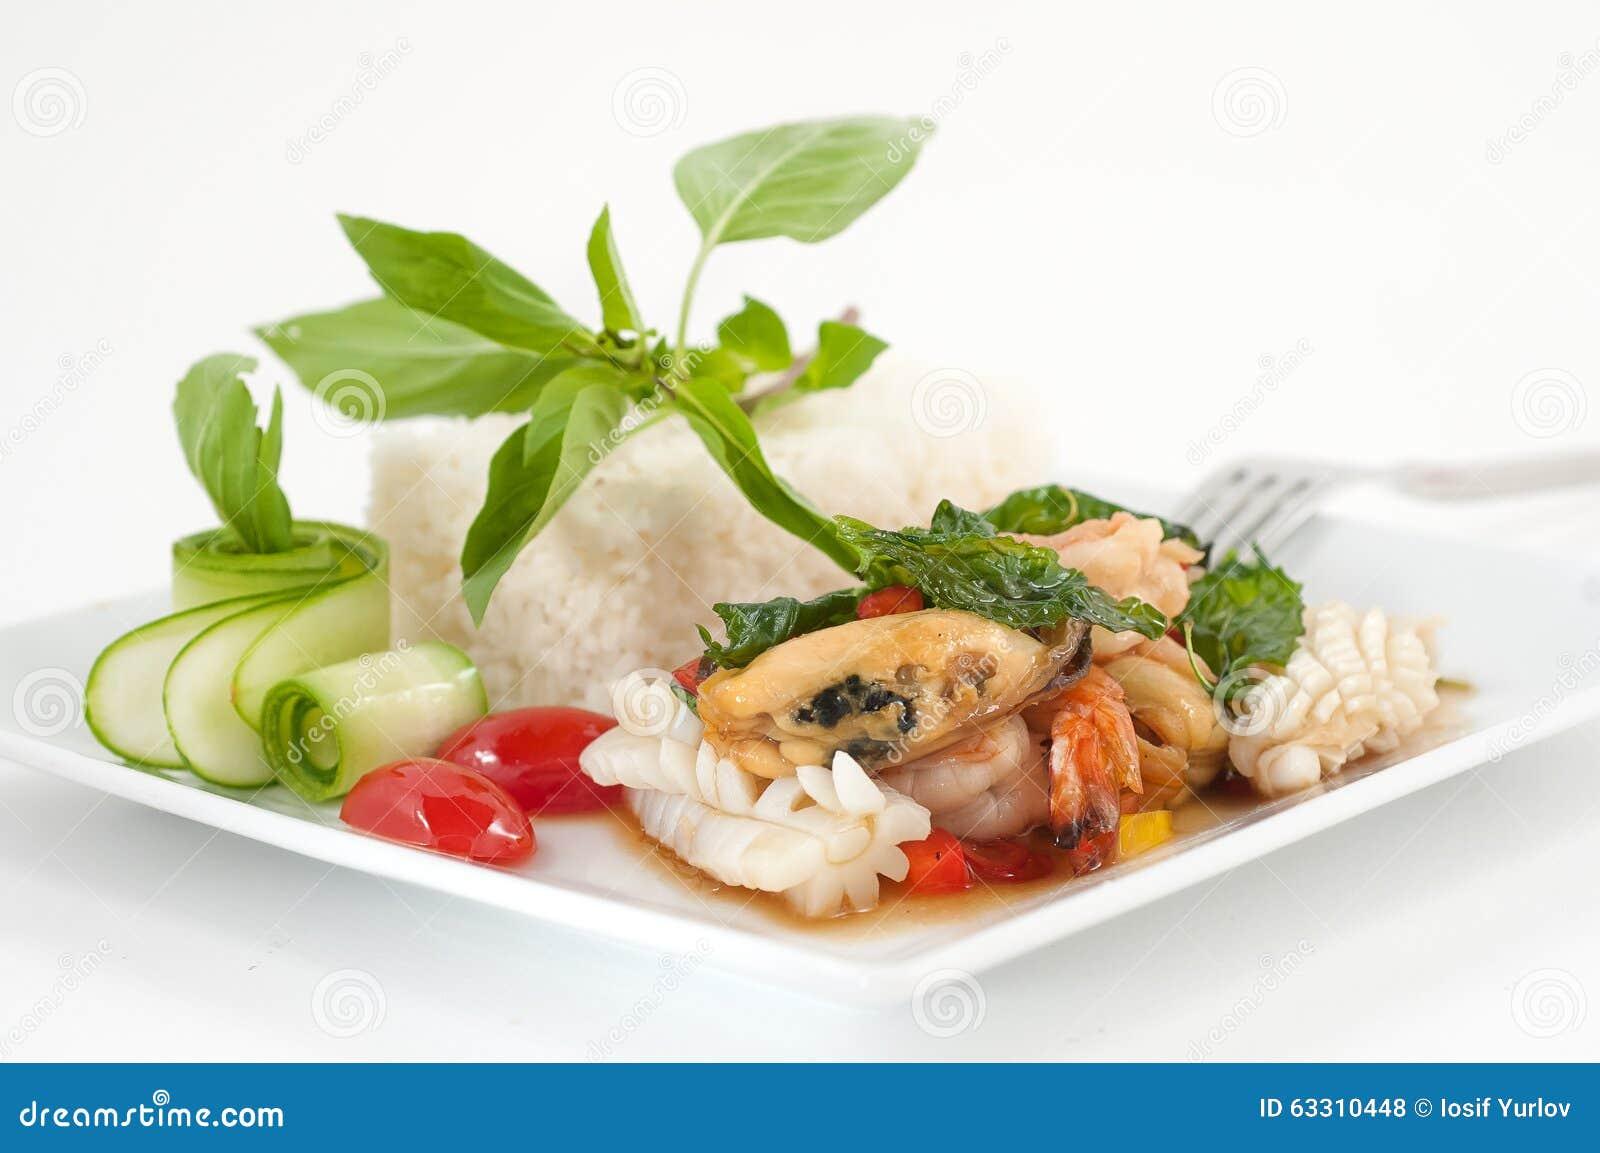 Disegno cucina internazionale : Piatti Di Cucina Internazionale In Un Ristorante Fotografia Stock ...